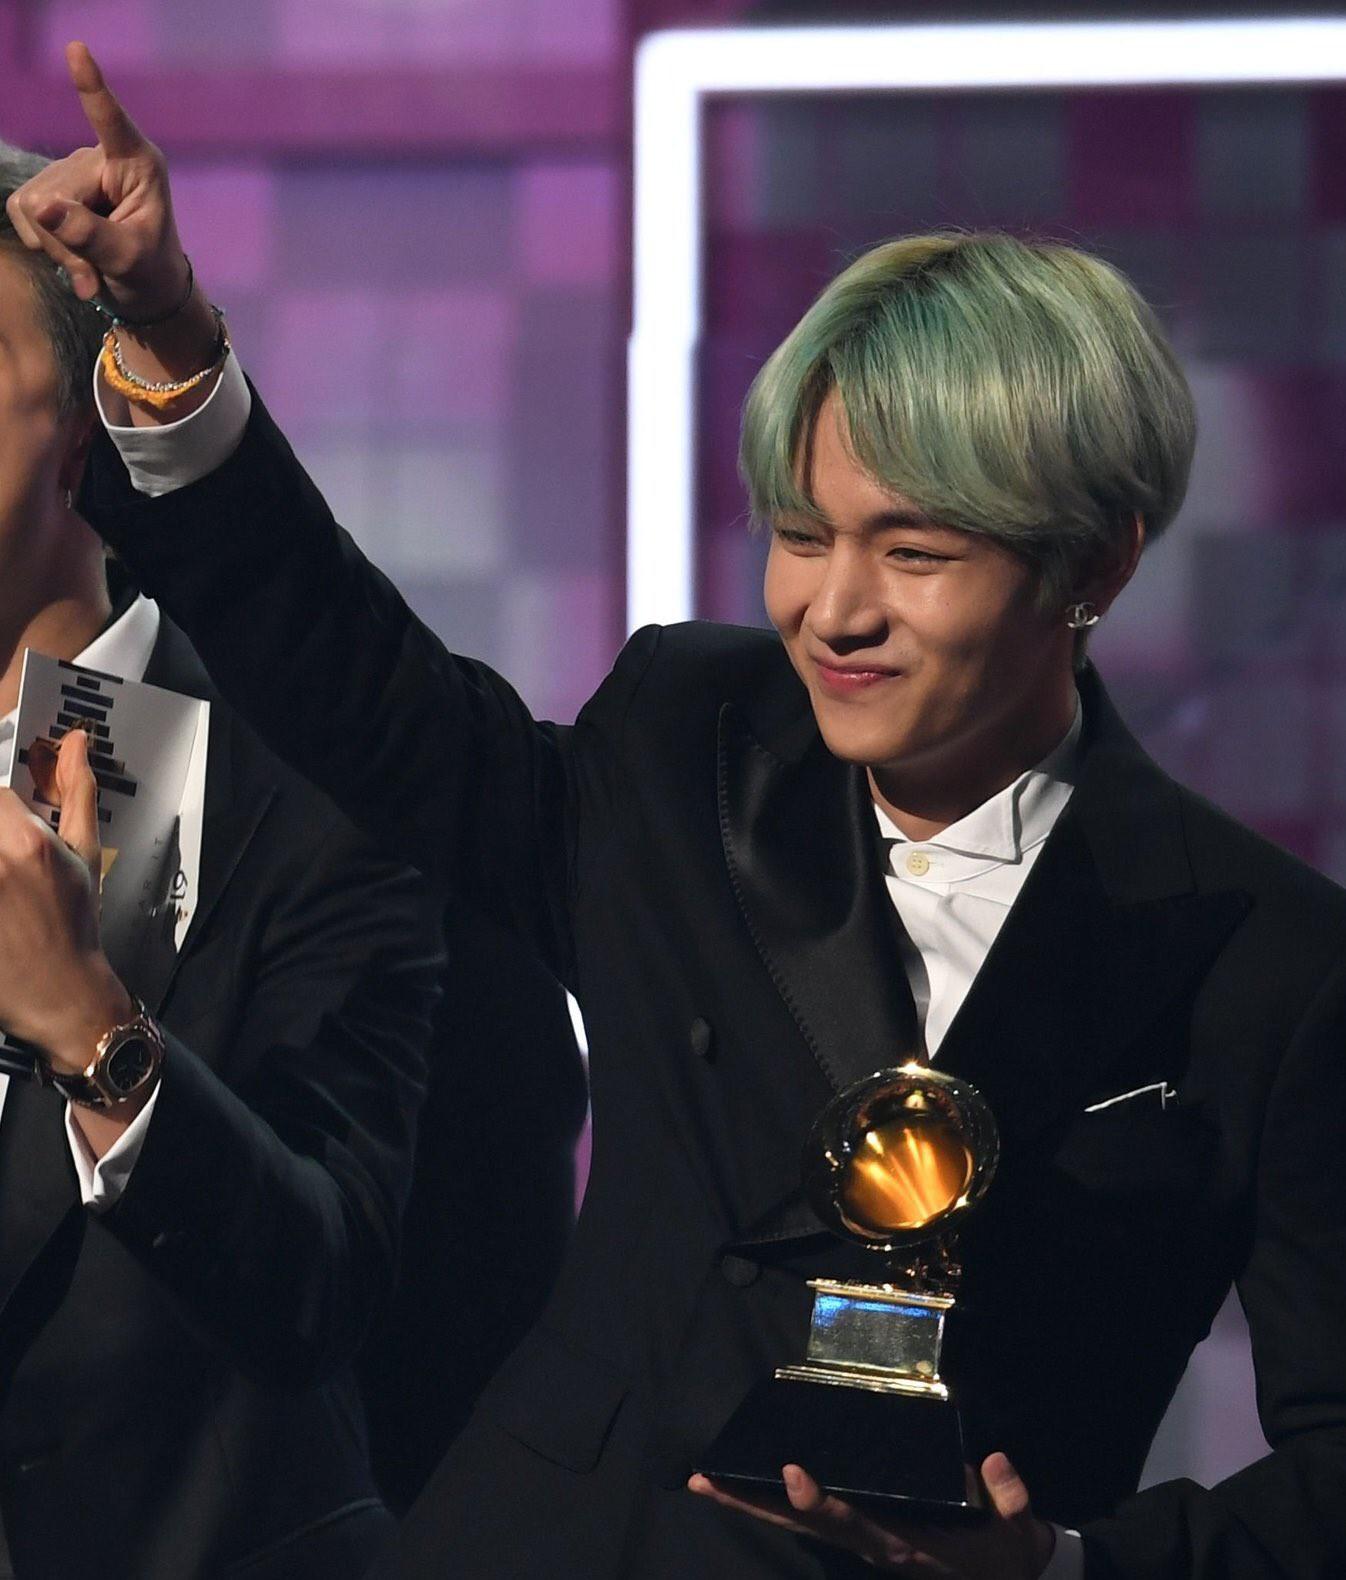 Chùm ảnh: Khoảnh khắc xuất thần của V (BTS) ở Grammy khiến dân tình phải thốt lên Chàng trai với mái tóc xanh lá là ai vậy? - Ảnh 11.